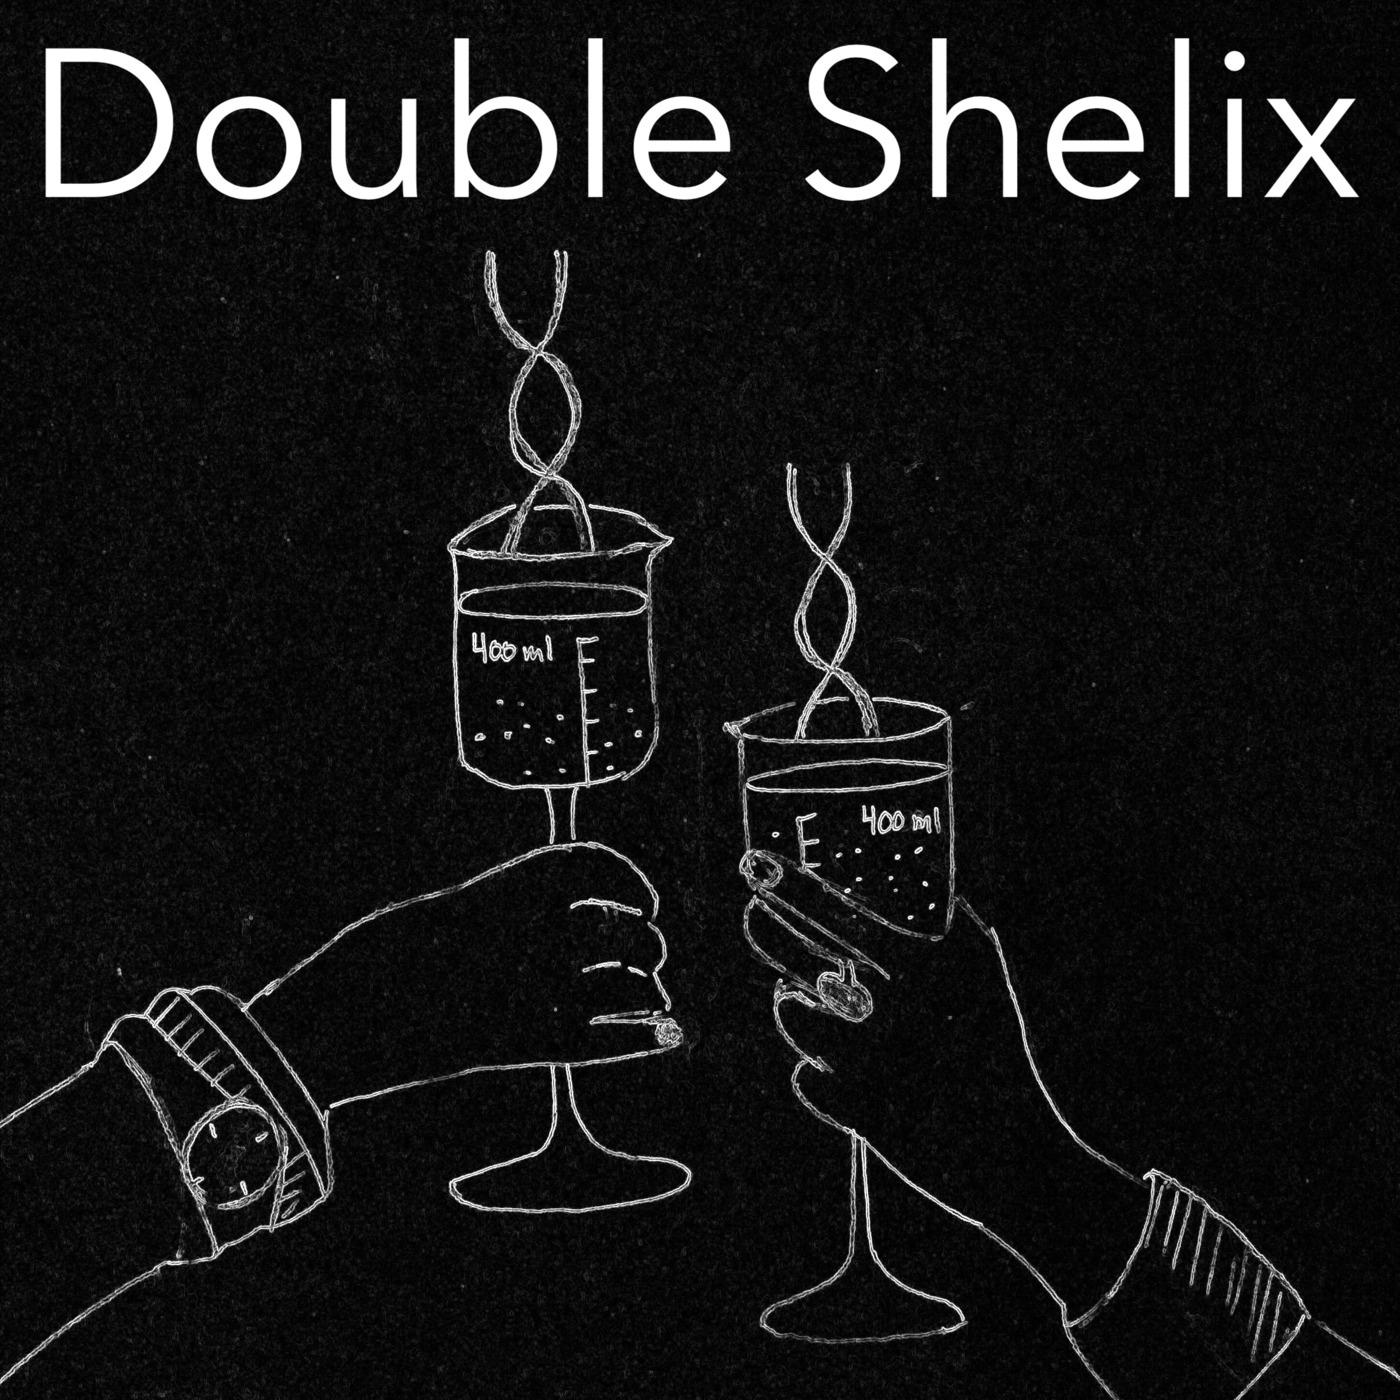 Double Shelix